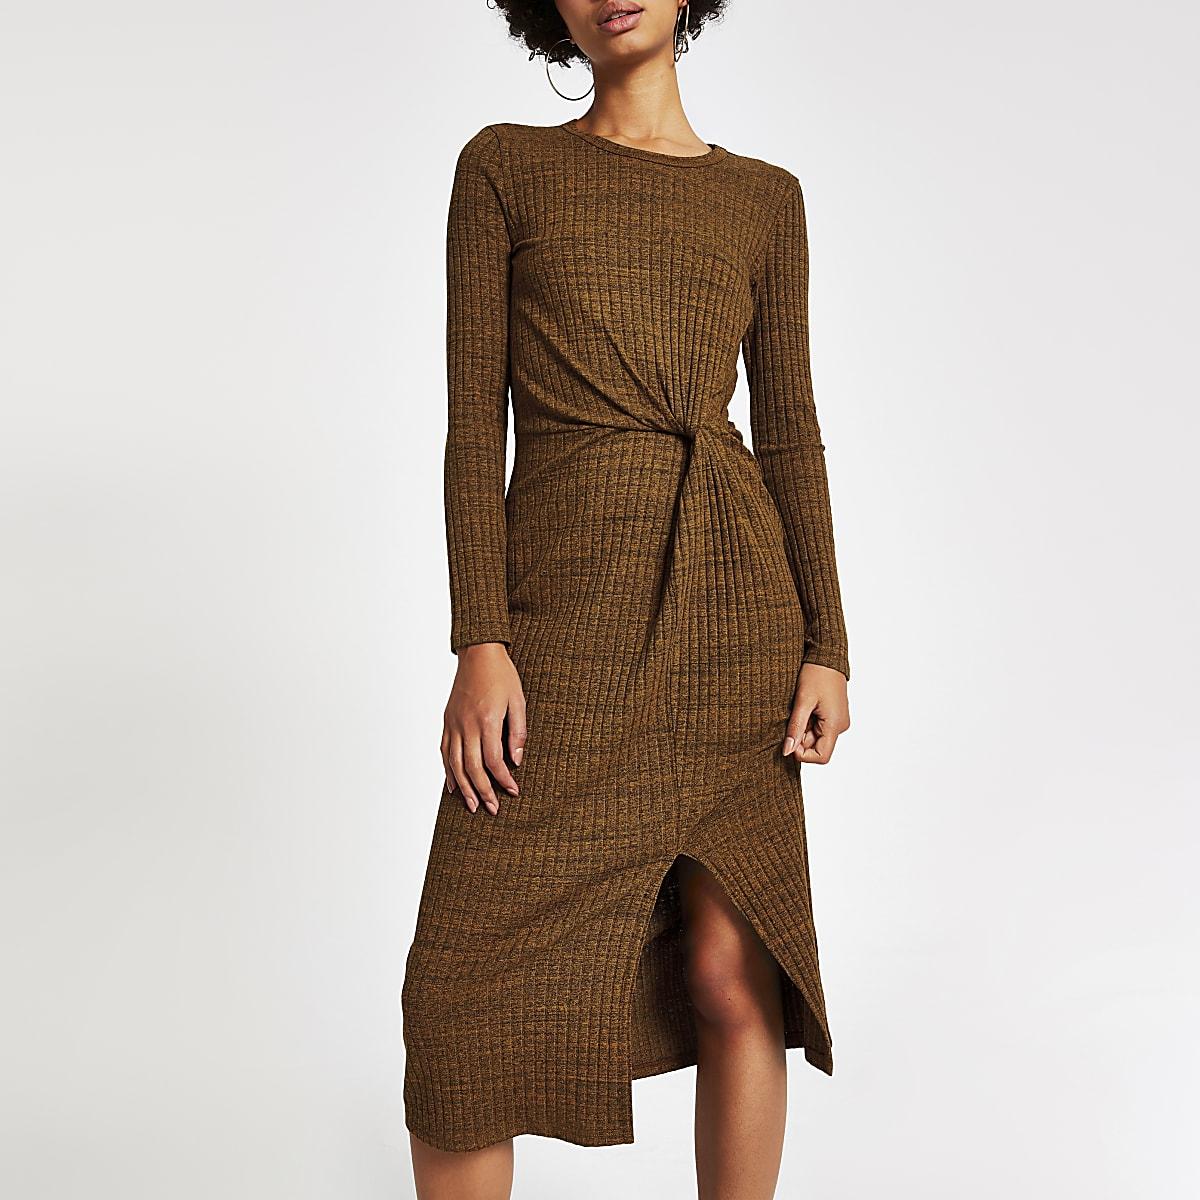 Rust brown twist front midi dress